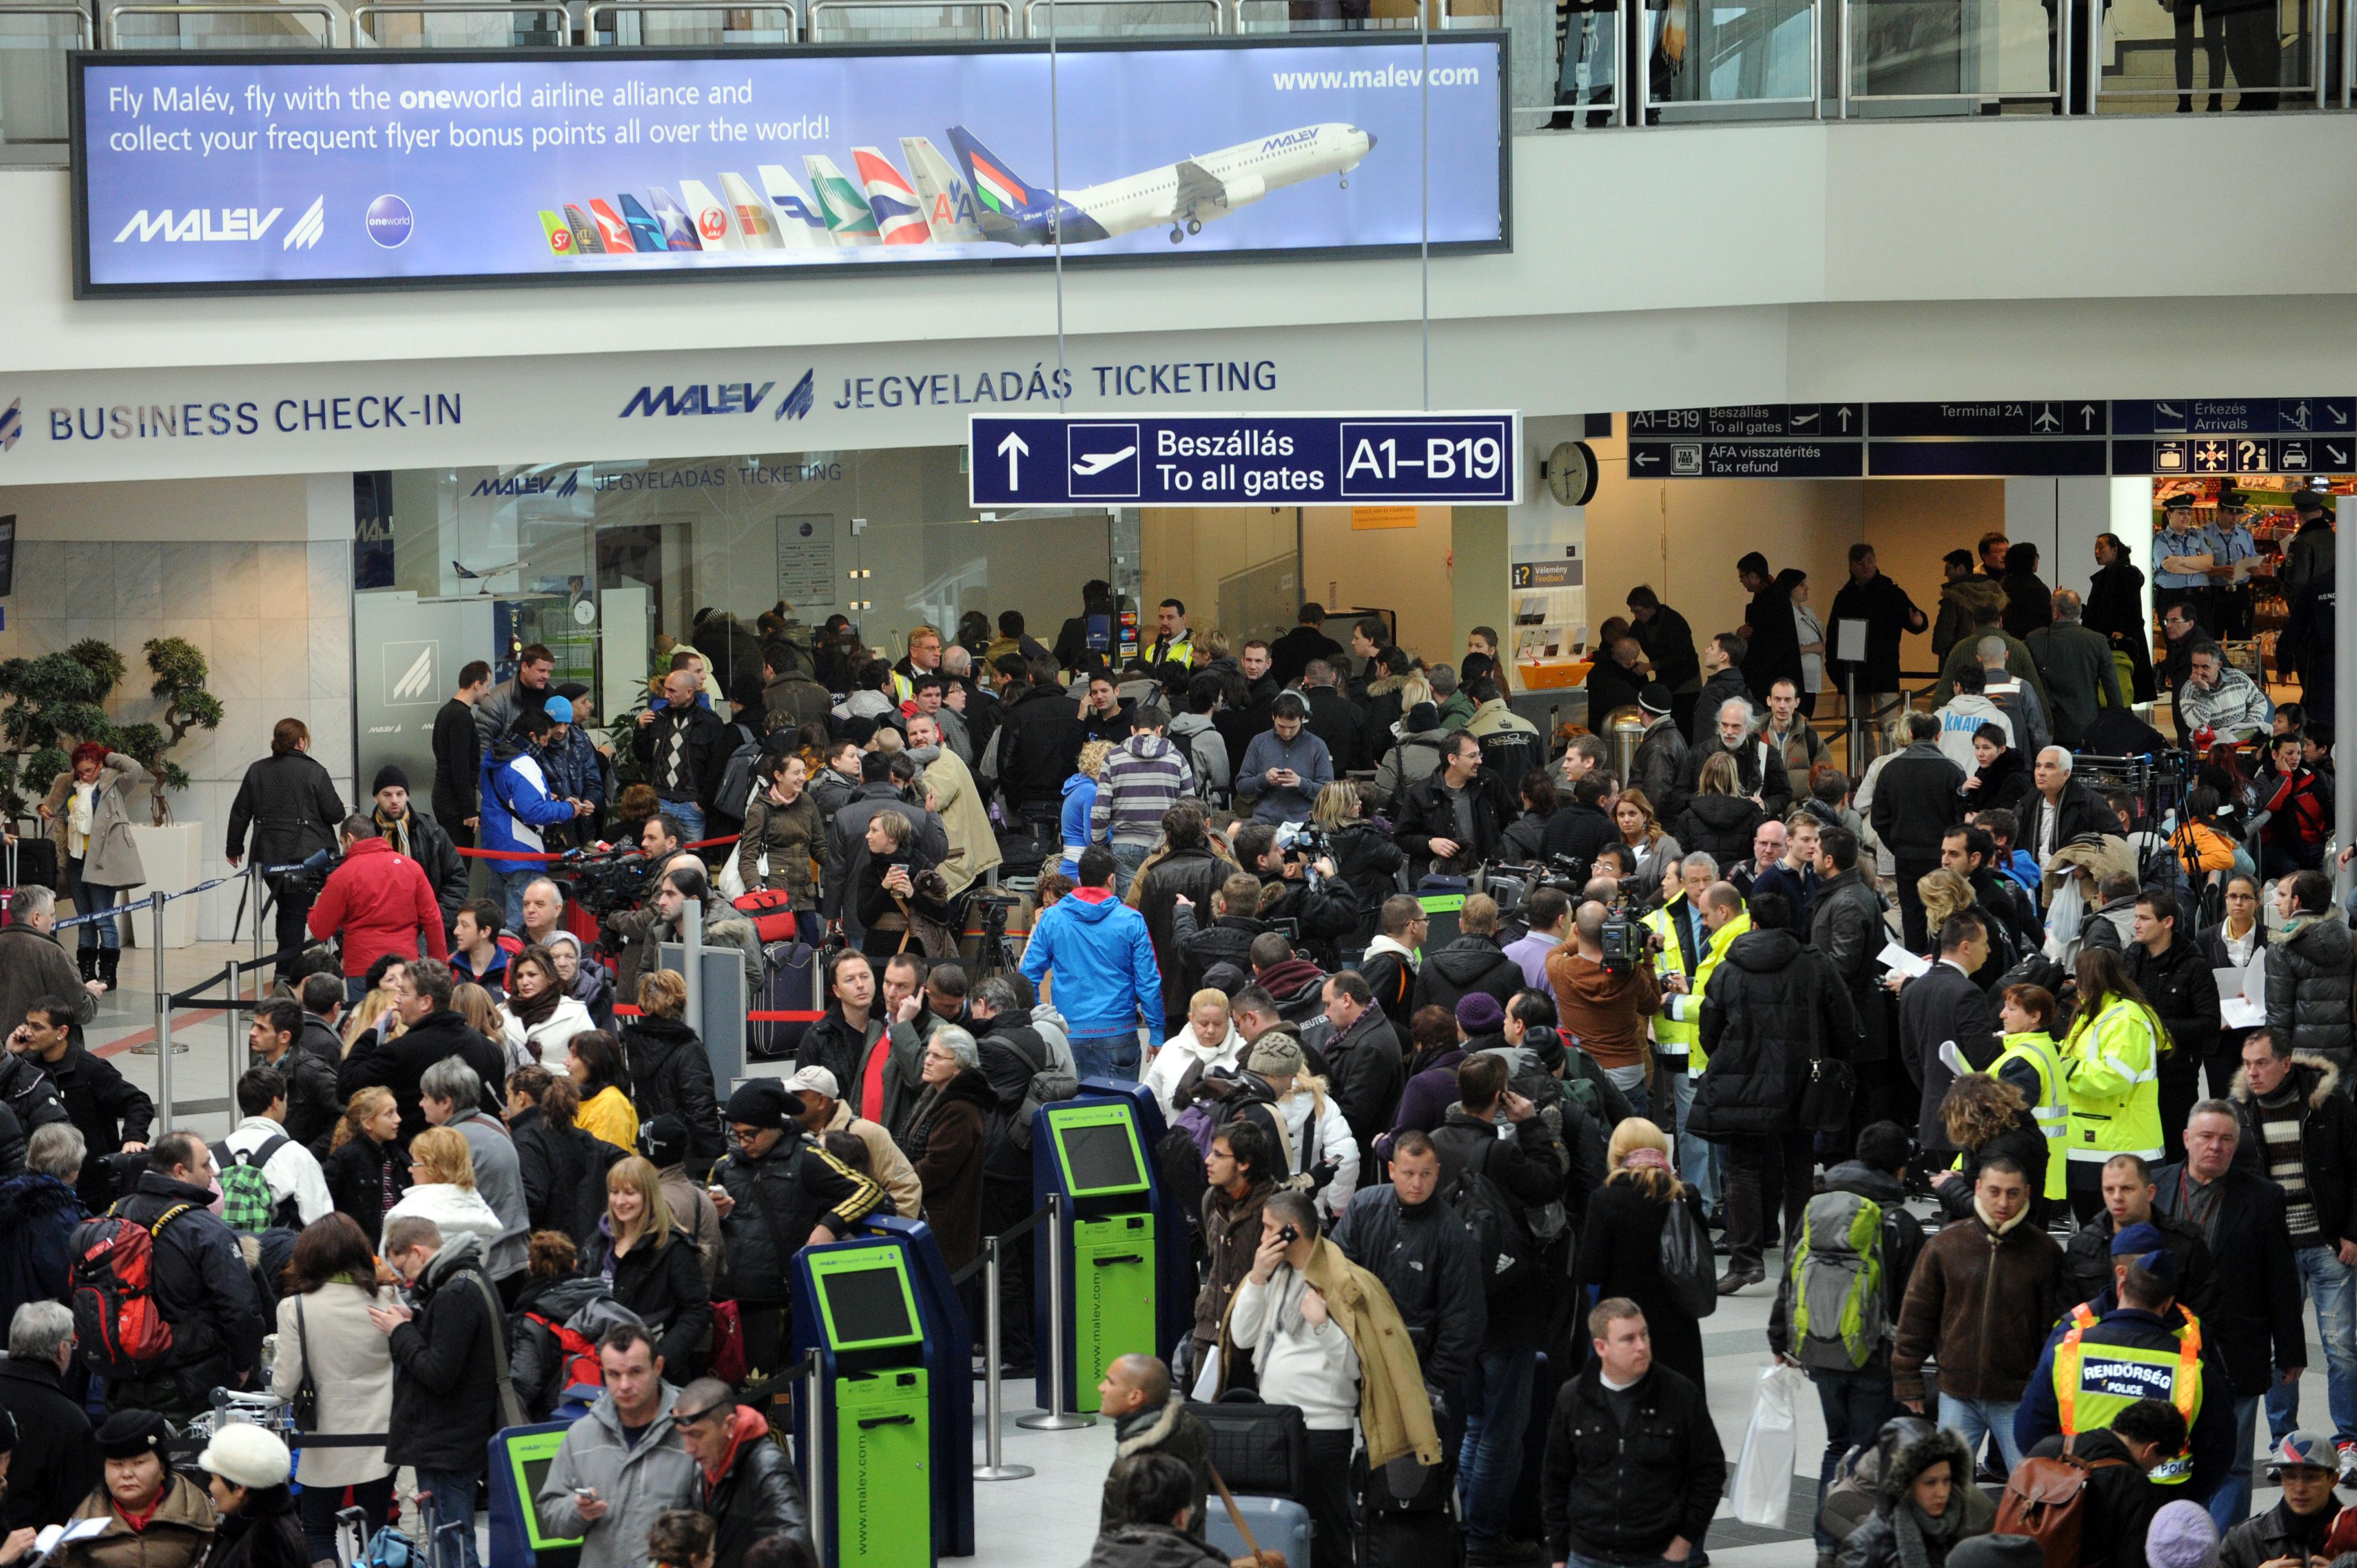 EU Bírósága: A repülésről döntő légitársaságtól lehet kártérítést kérni jelentős késésnél, ha a gépet és a személyzetet másik légitársaságtól bérelték